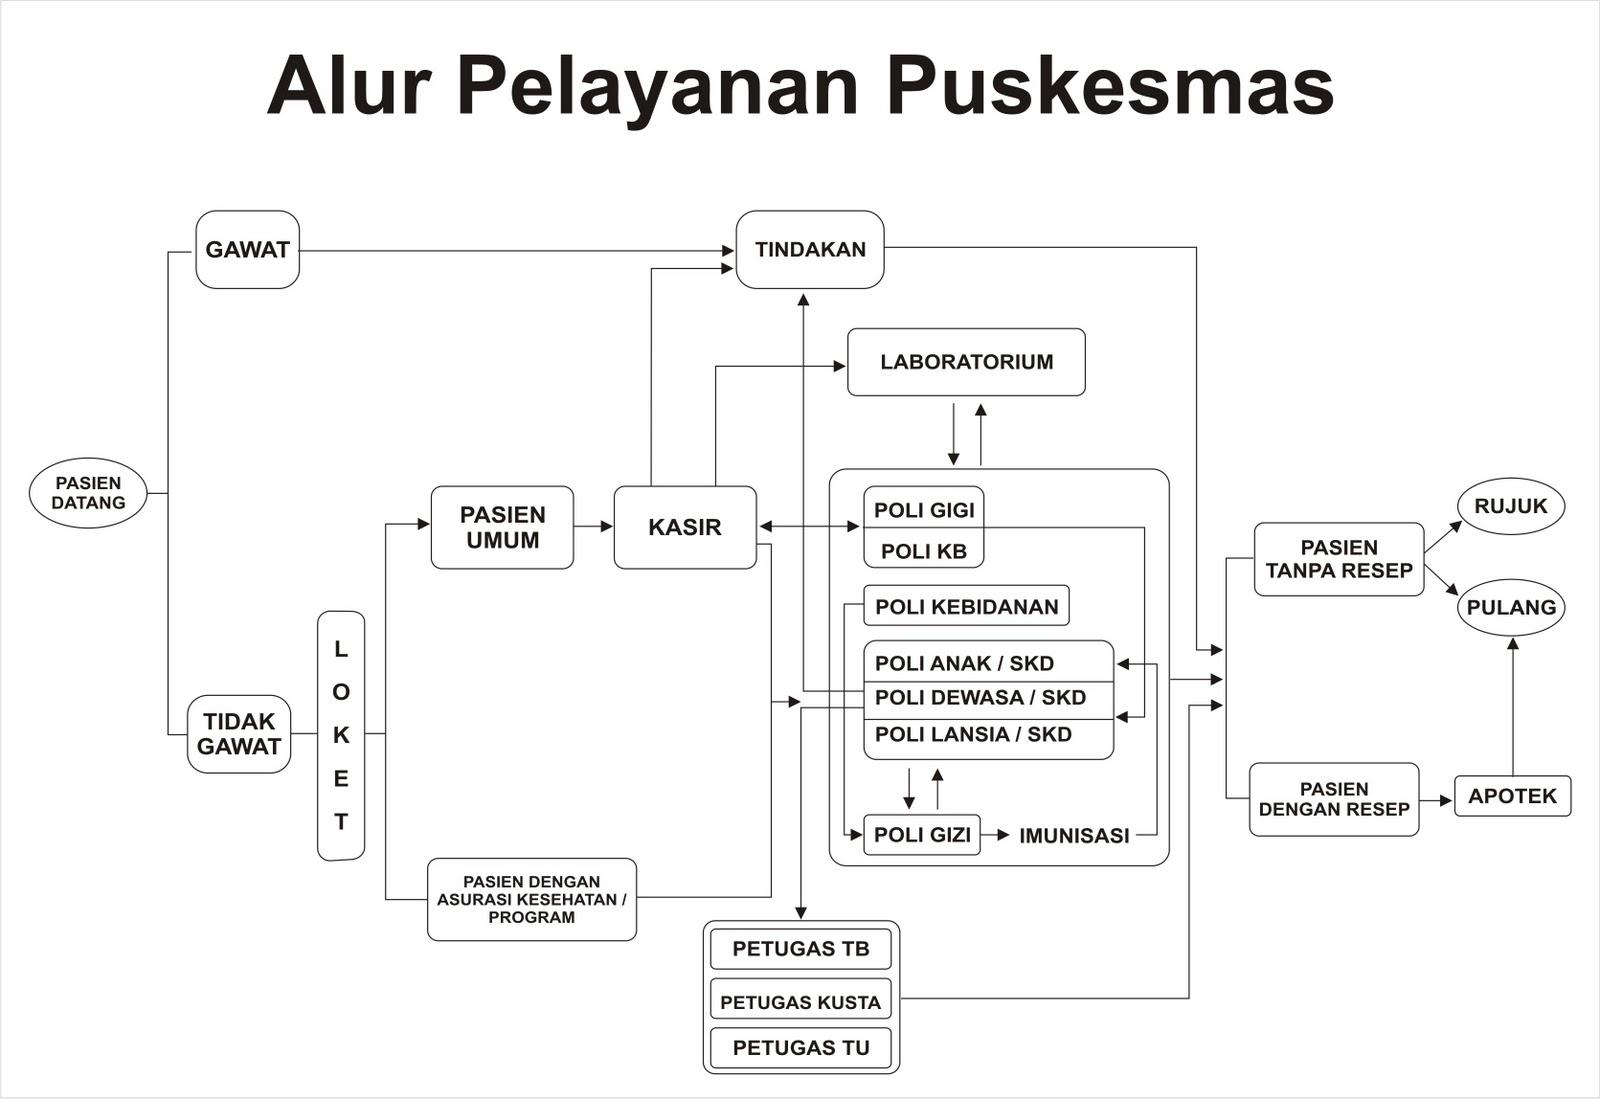 Simpus Sistem Informasi Manajemen Puskesmas Alur Pelayanan Di